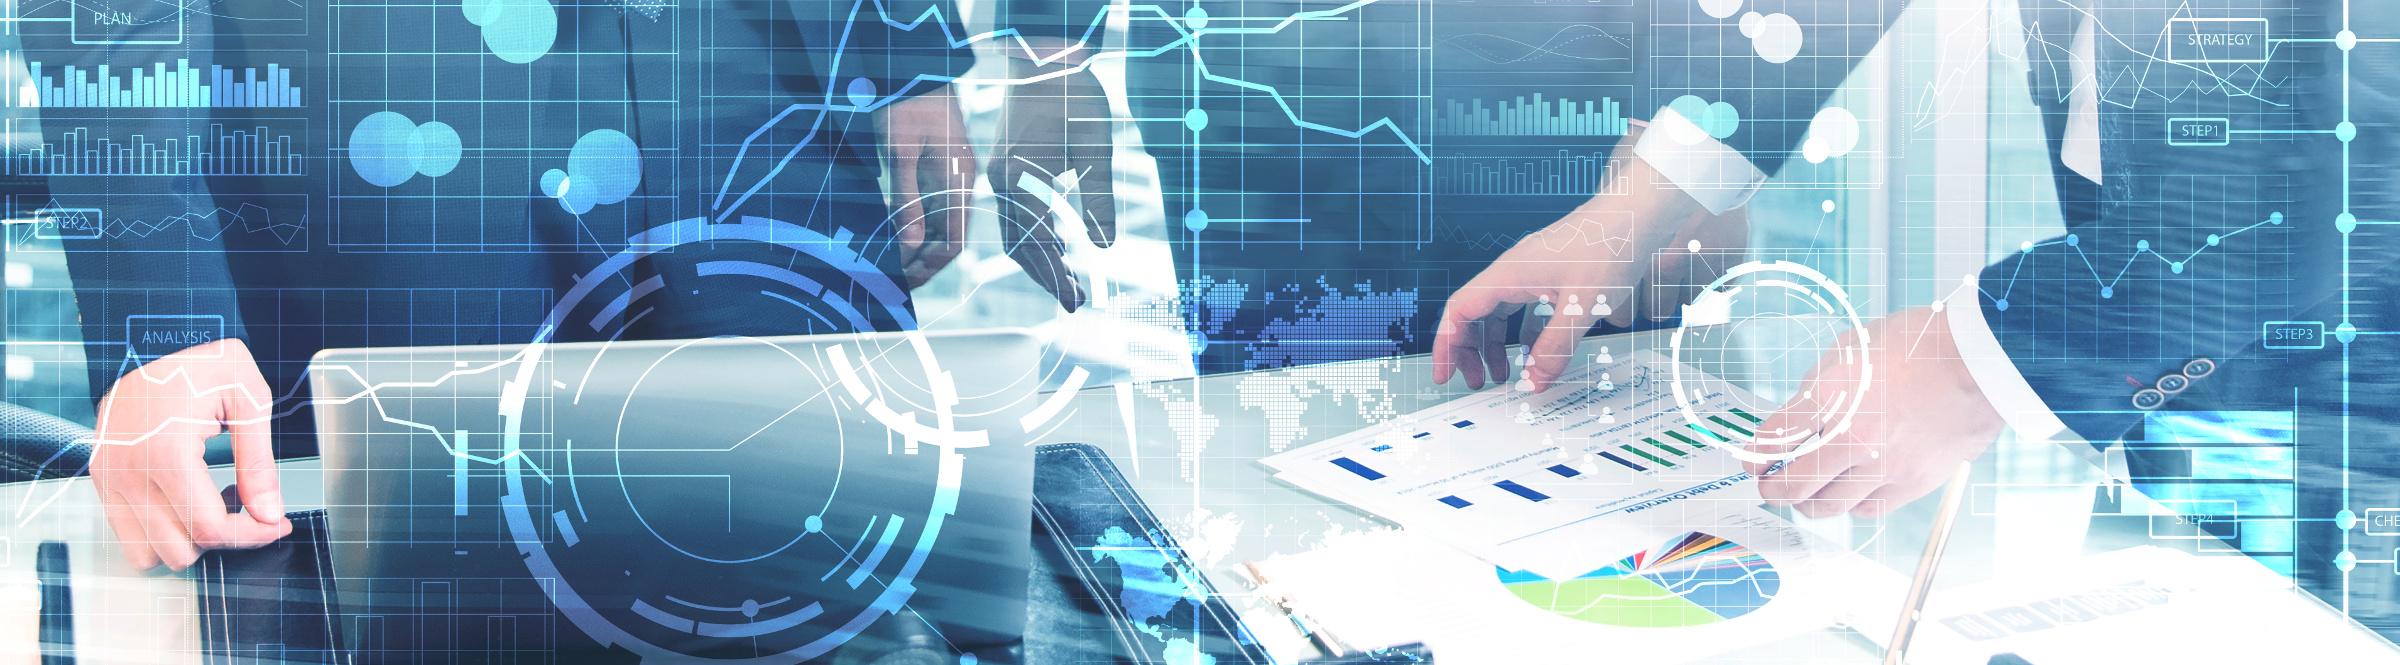 Die Anforderungen an den Datenschutz sind gerade im Rahmen von M&A-Transaktionen hoch. Quelle: Funtap/AdobeStock